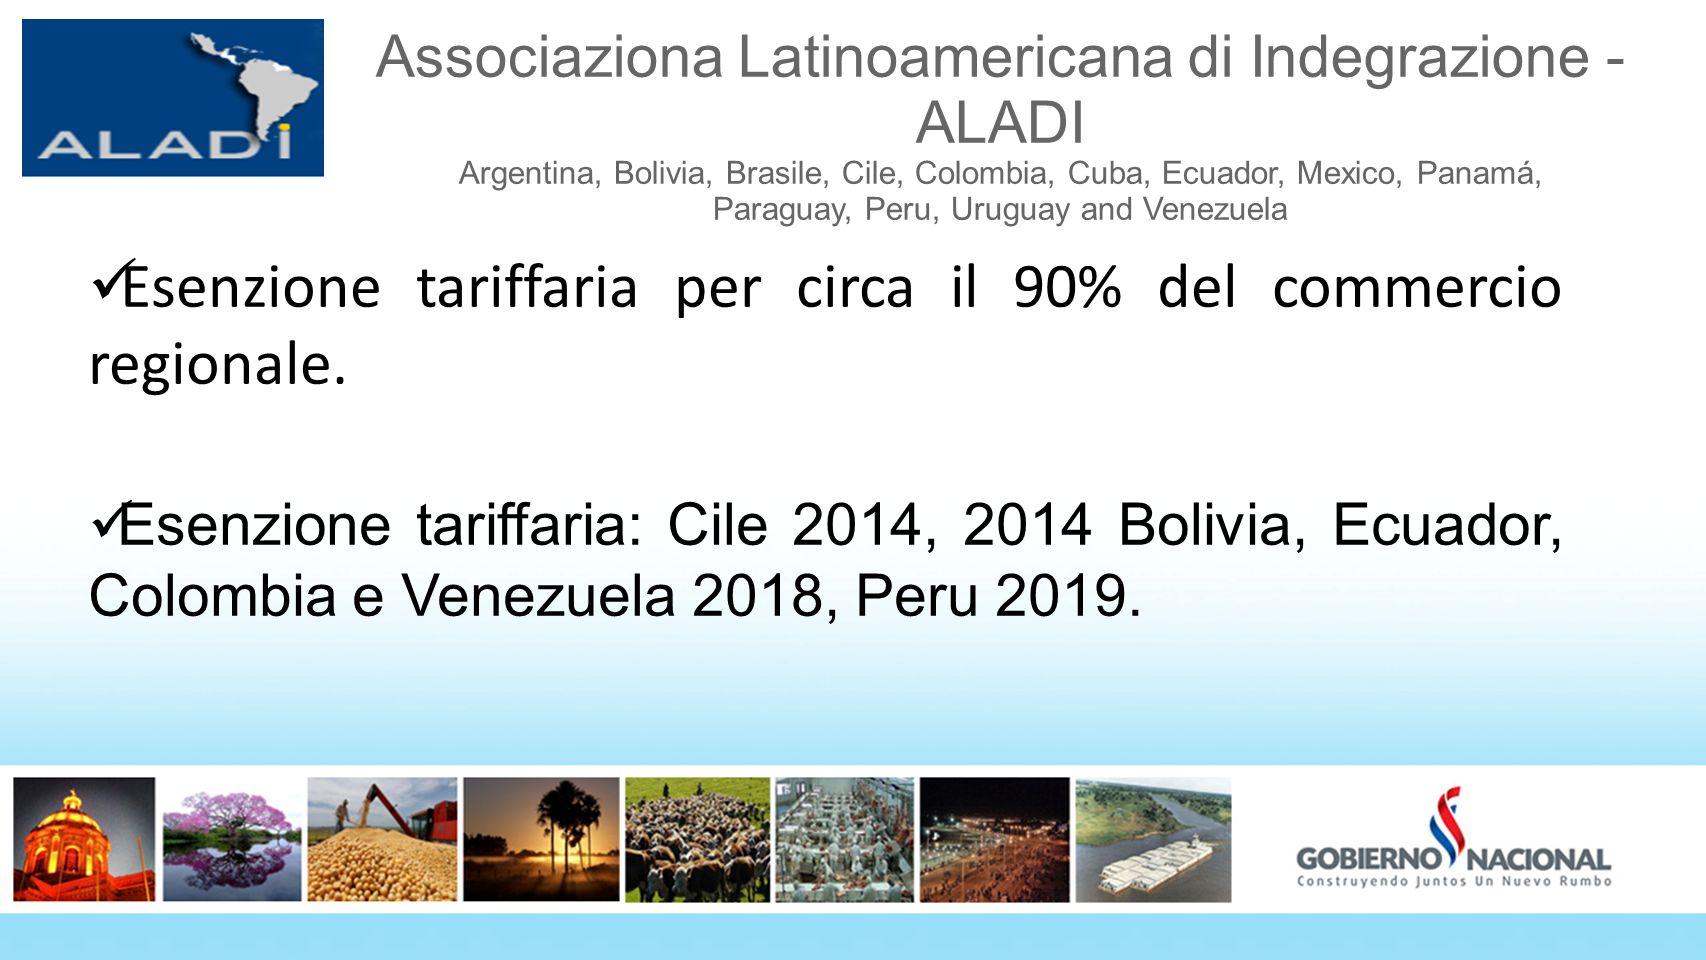 Esenzione tariffaria per circa il 90% del commercio regionale.